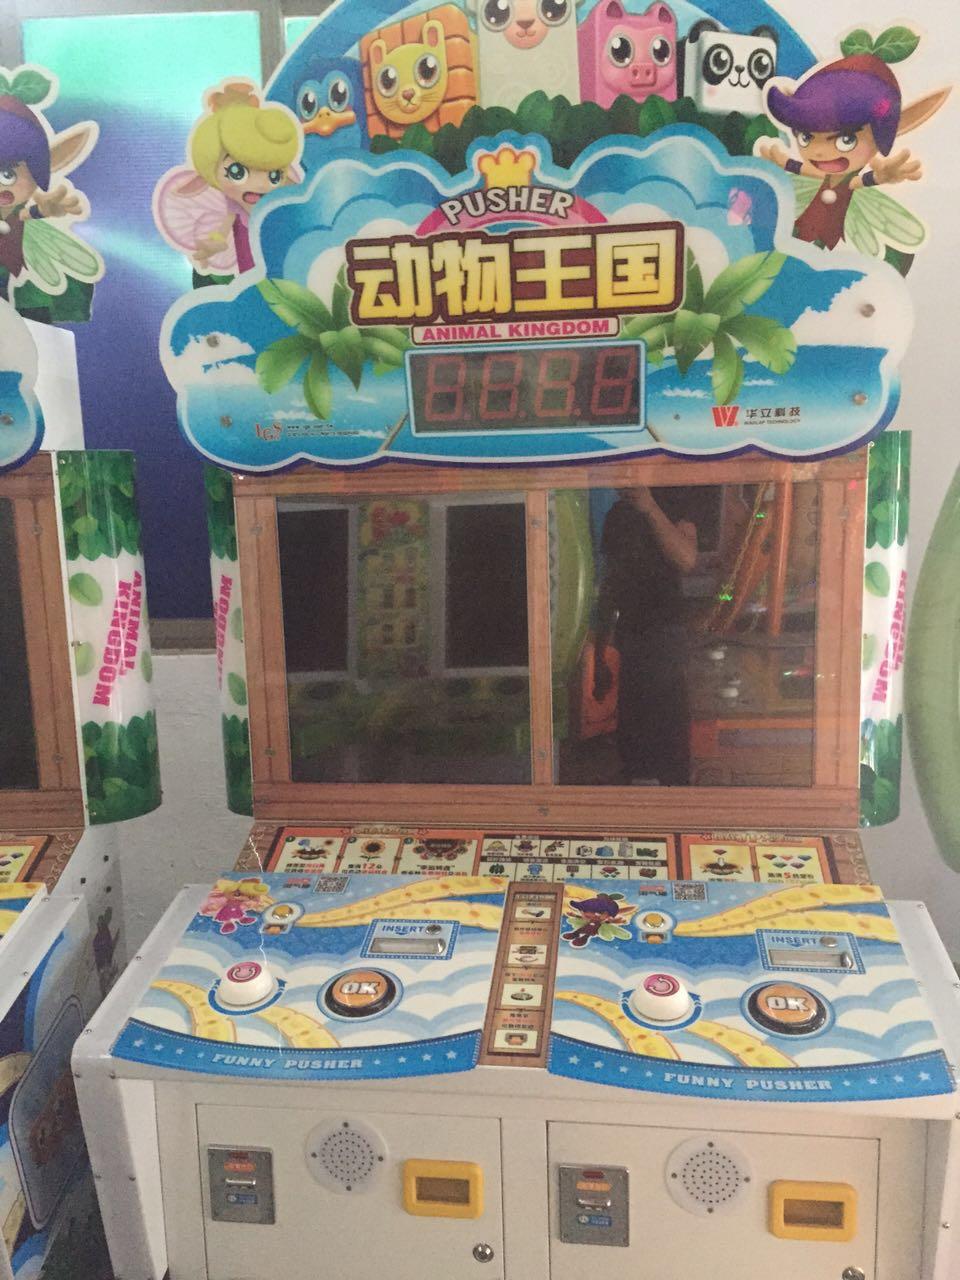 二手马戏团游戏机回收公司 二手马戏团游戏机回收电话 高价回收马戏团游戏机